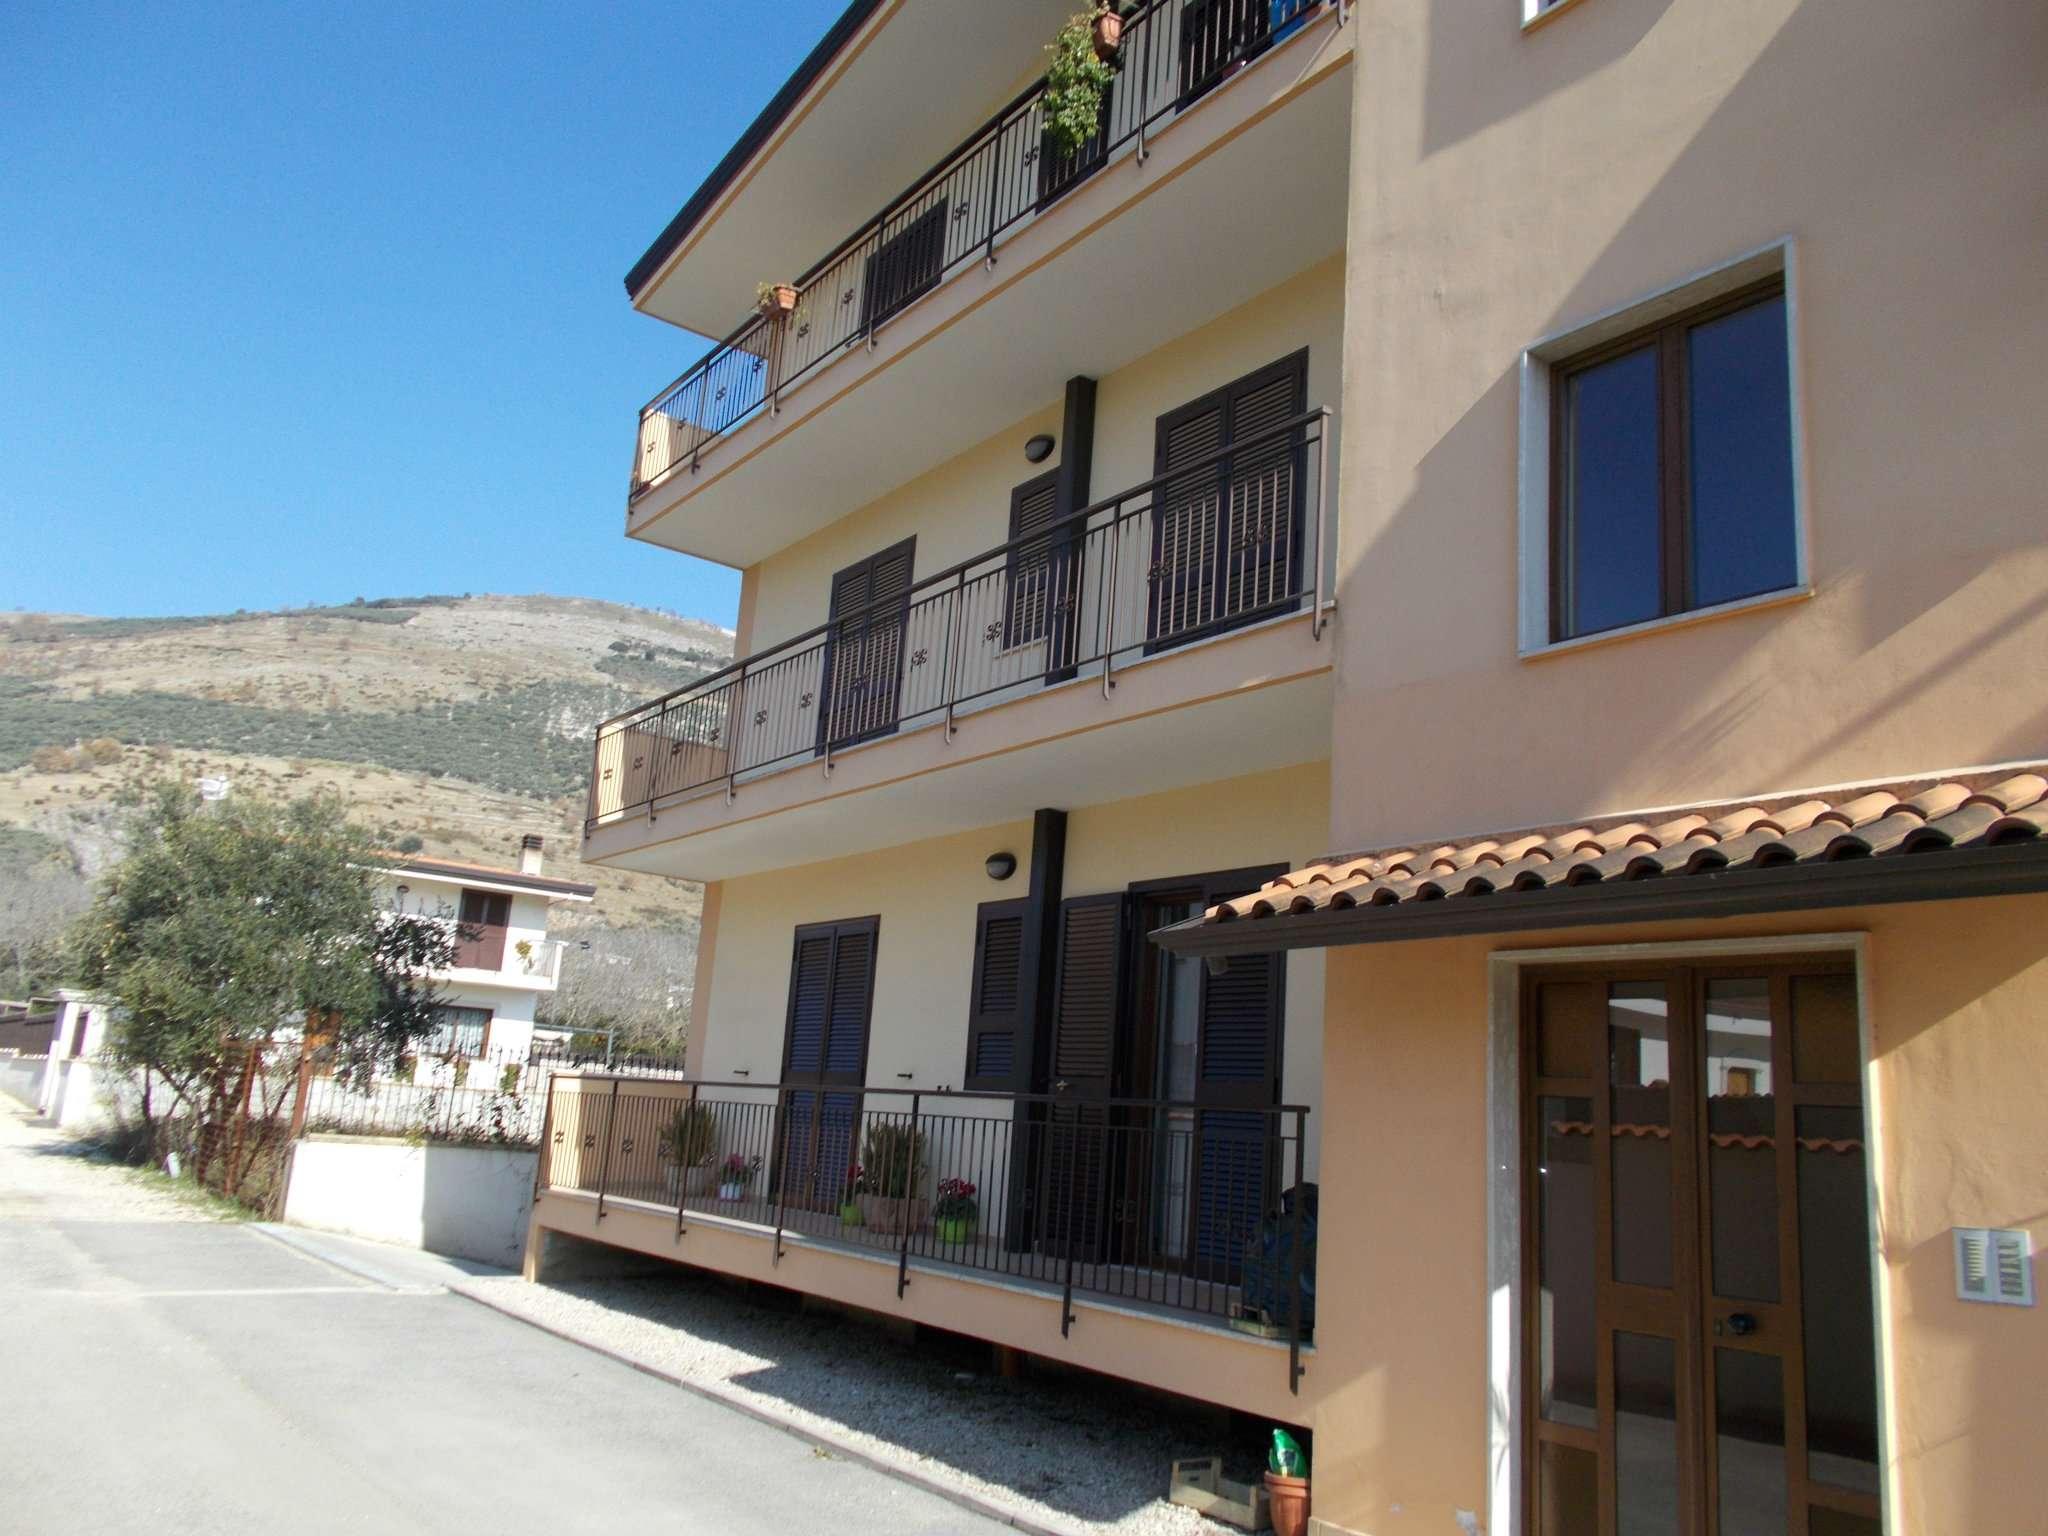 Appartamento in vendita a Santa Maria a Vico, 4 locali, prezzo € 110.000 | Cambio Casa.it